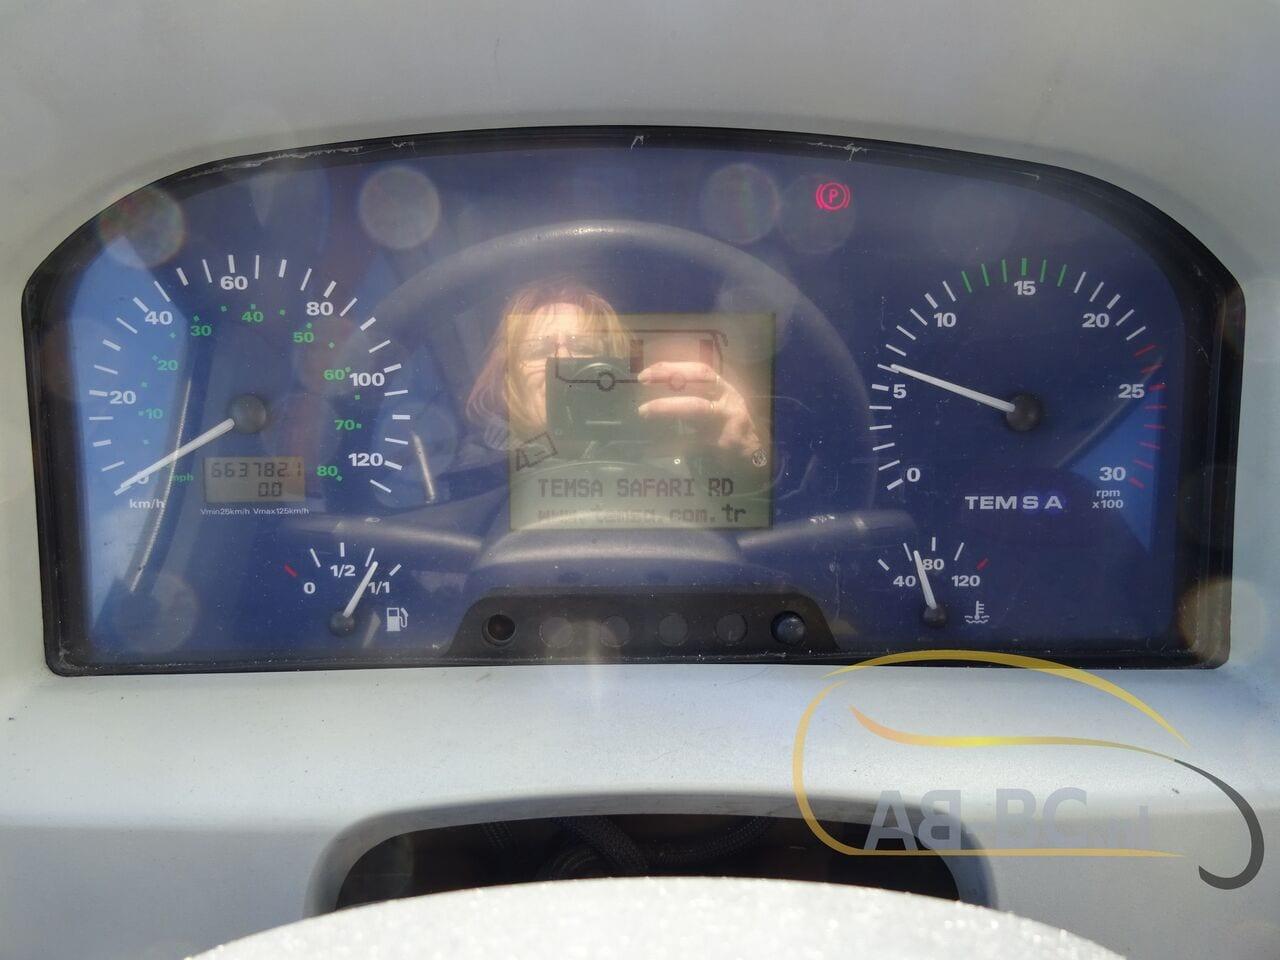 coach-busTEMSA-Safari-RD-53-Seats-DAF-Motor-12-mtr---1616166728444484780_big_649e93c13e5c1d8ceb7b1c1d0d0b7c03--21031917053743807500